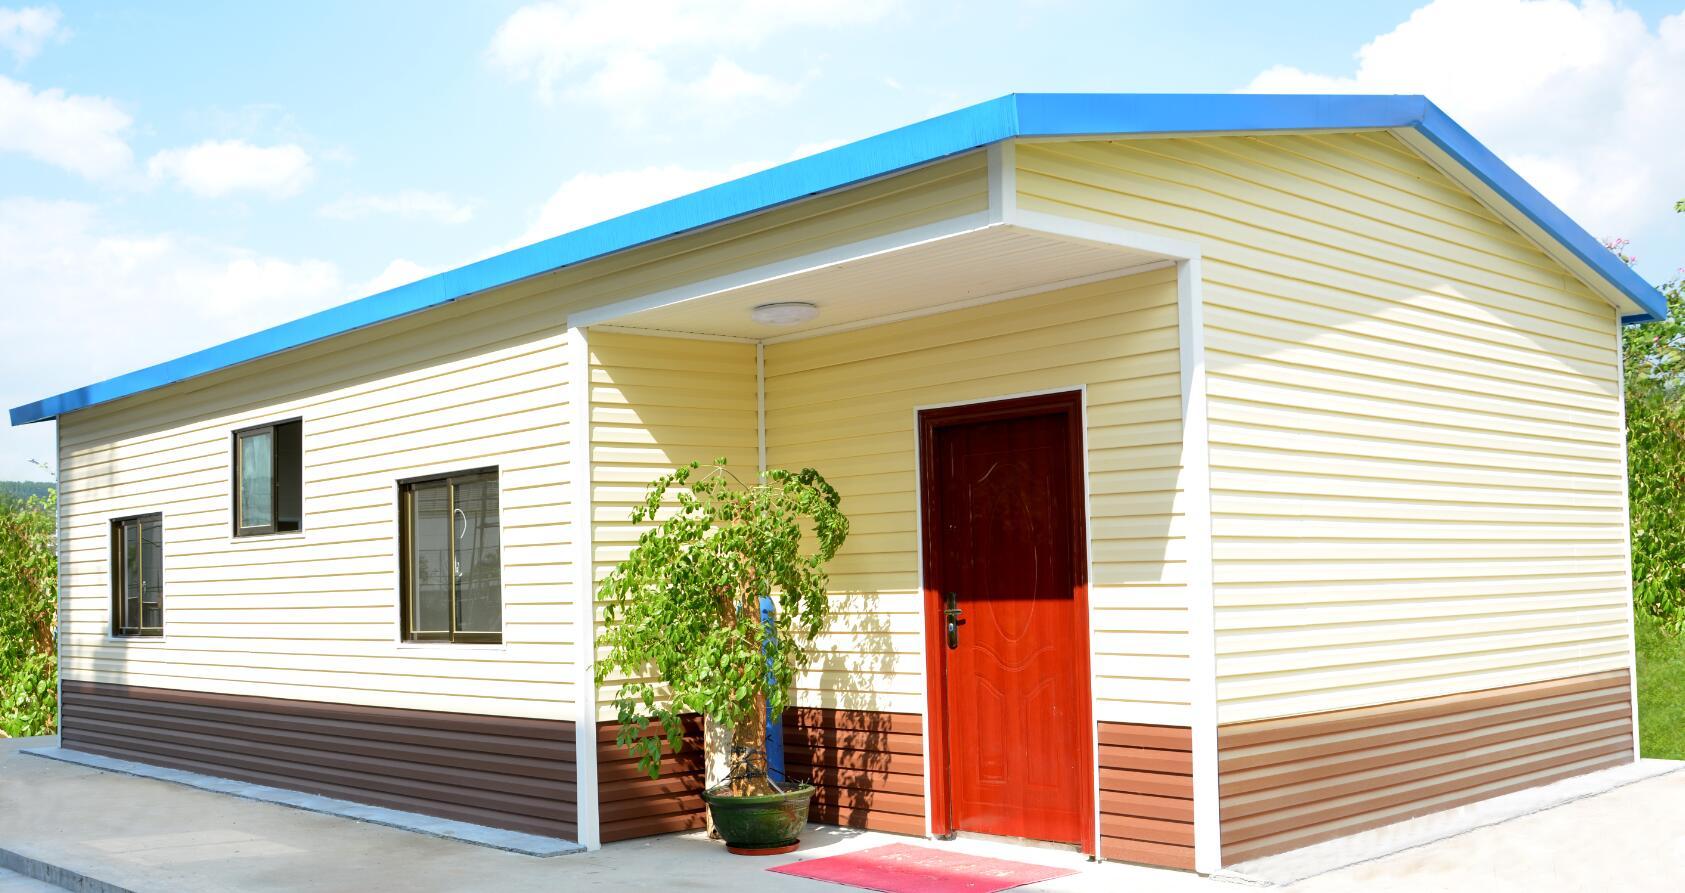 装配式住宅风已刮起,以下内容能否引起您的关注?